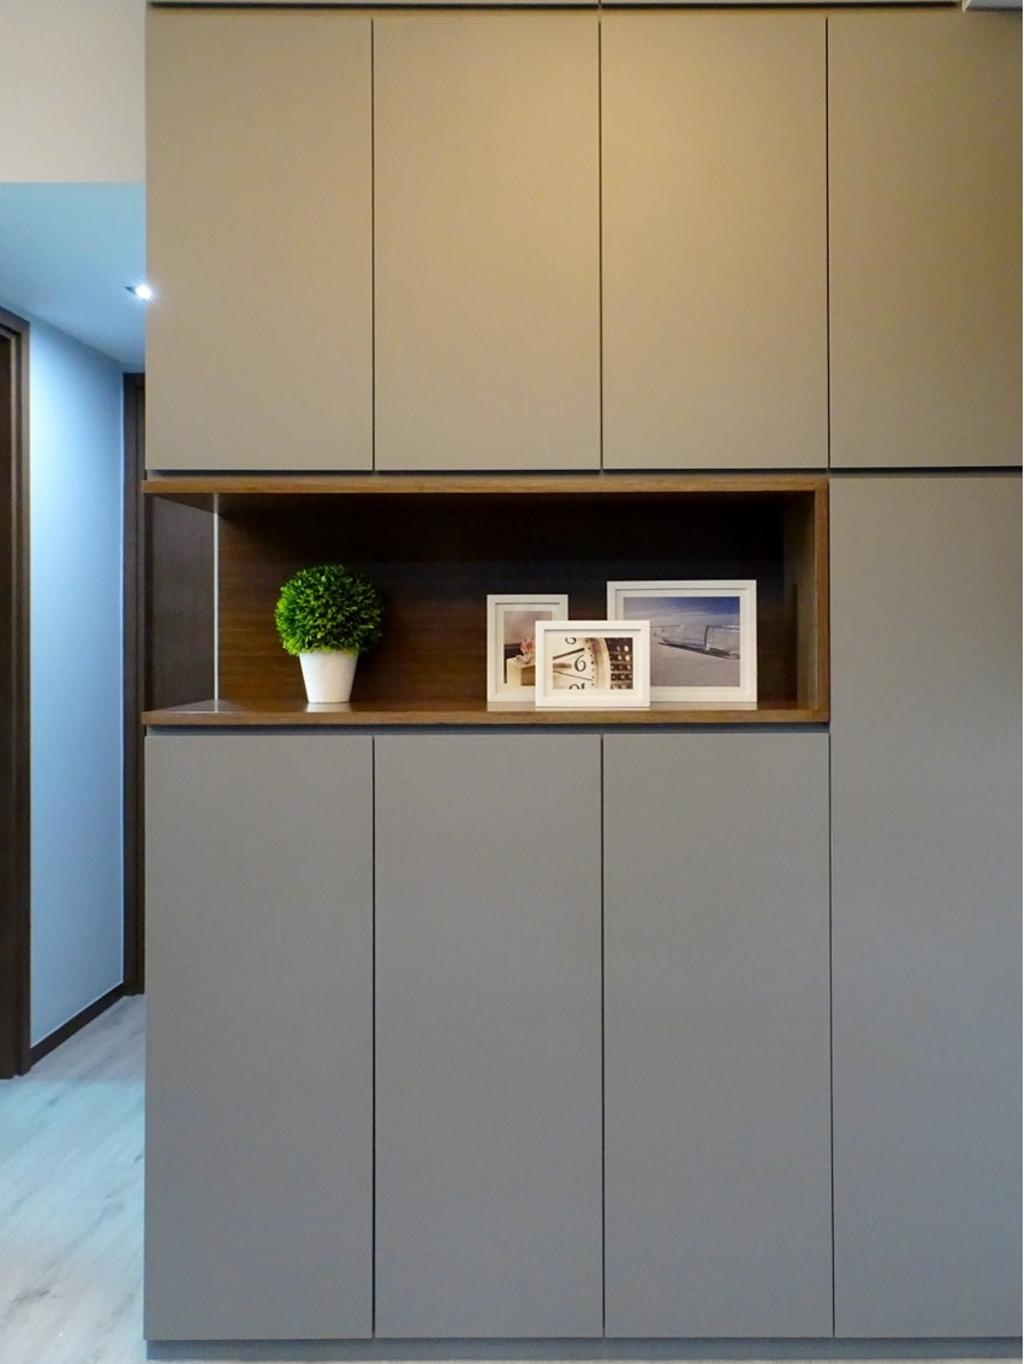 摩登, 私家樓, 客廳, 粉嶺牽晴間, 室內設計師, 禾烽室內設計, 當代